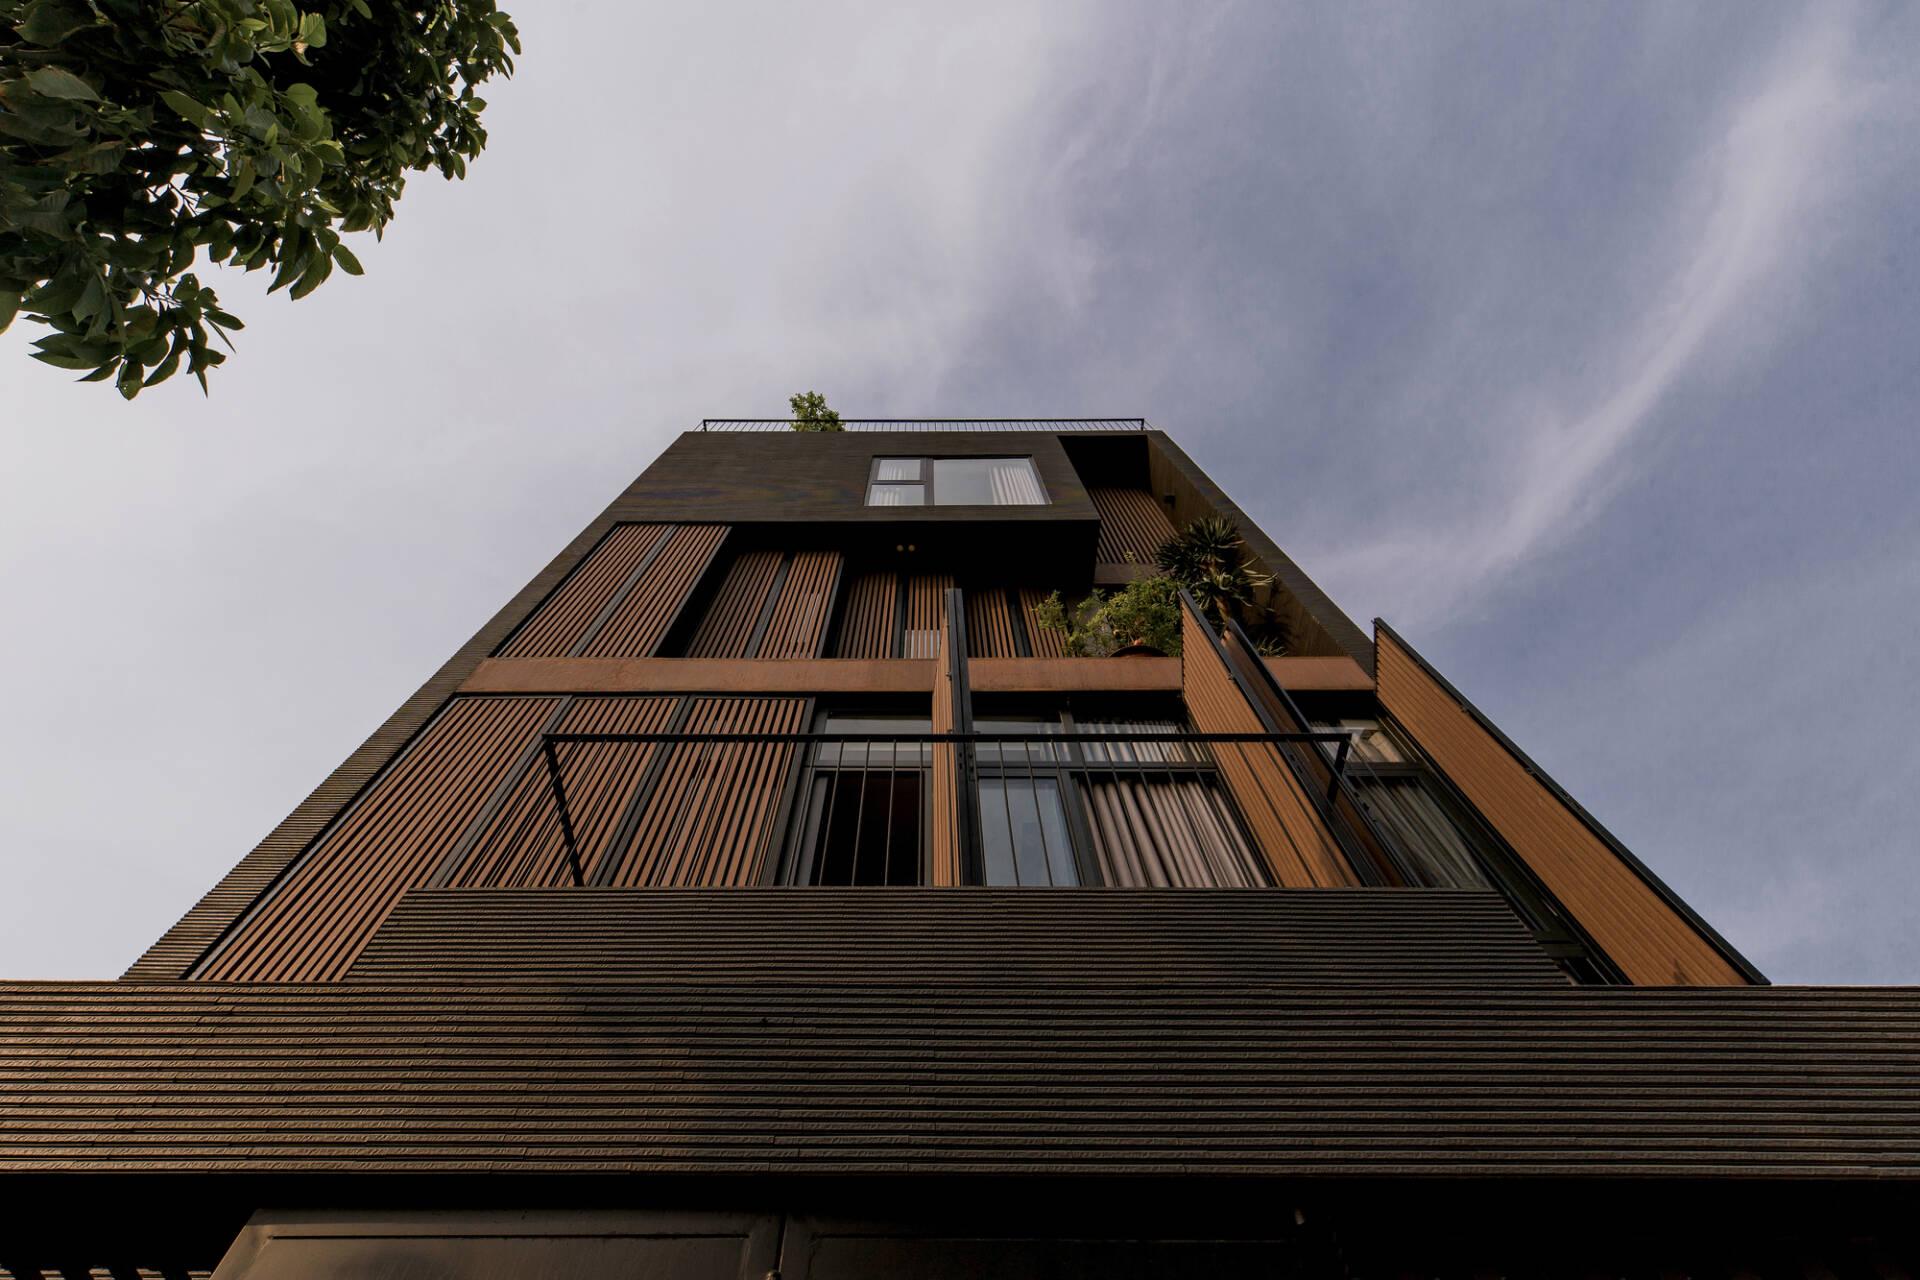 Hệ cửa kính có tác dụng ngăn tiếng ồn từ bên ngoài, trong khi lam gỗ giúp điều chỉnh ánh sáng tự nhiên